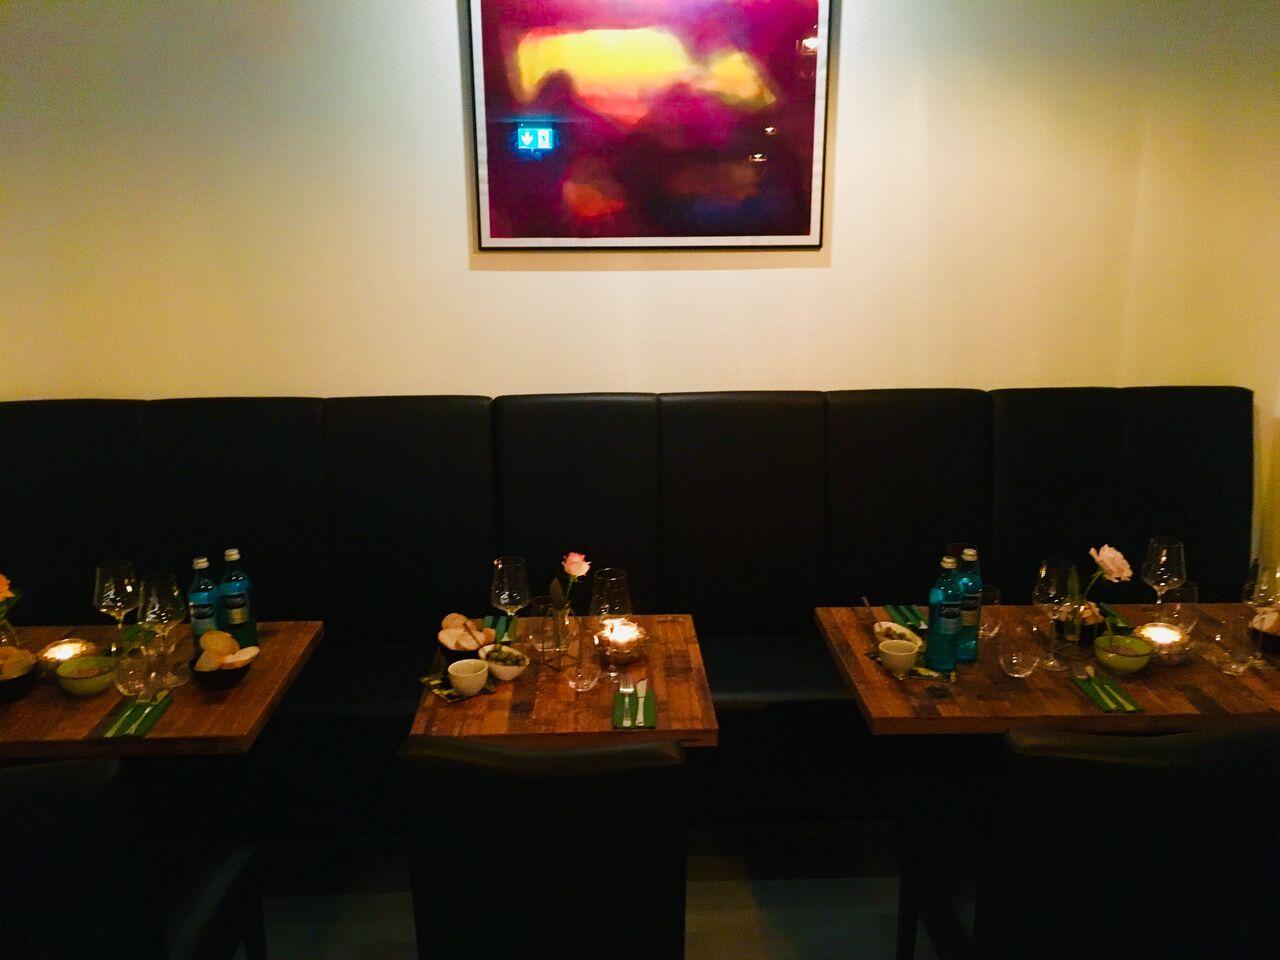 Bei uns können bis zu 50 Personen ihre Firmenfeier,Geburtstage oder Hochzeiten im stilvollen Ambiente feiern.